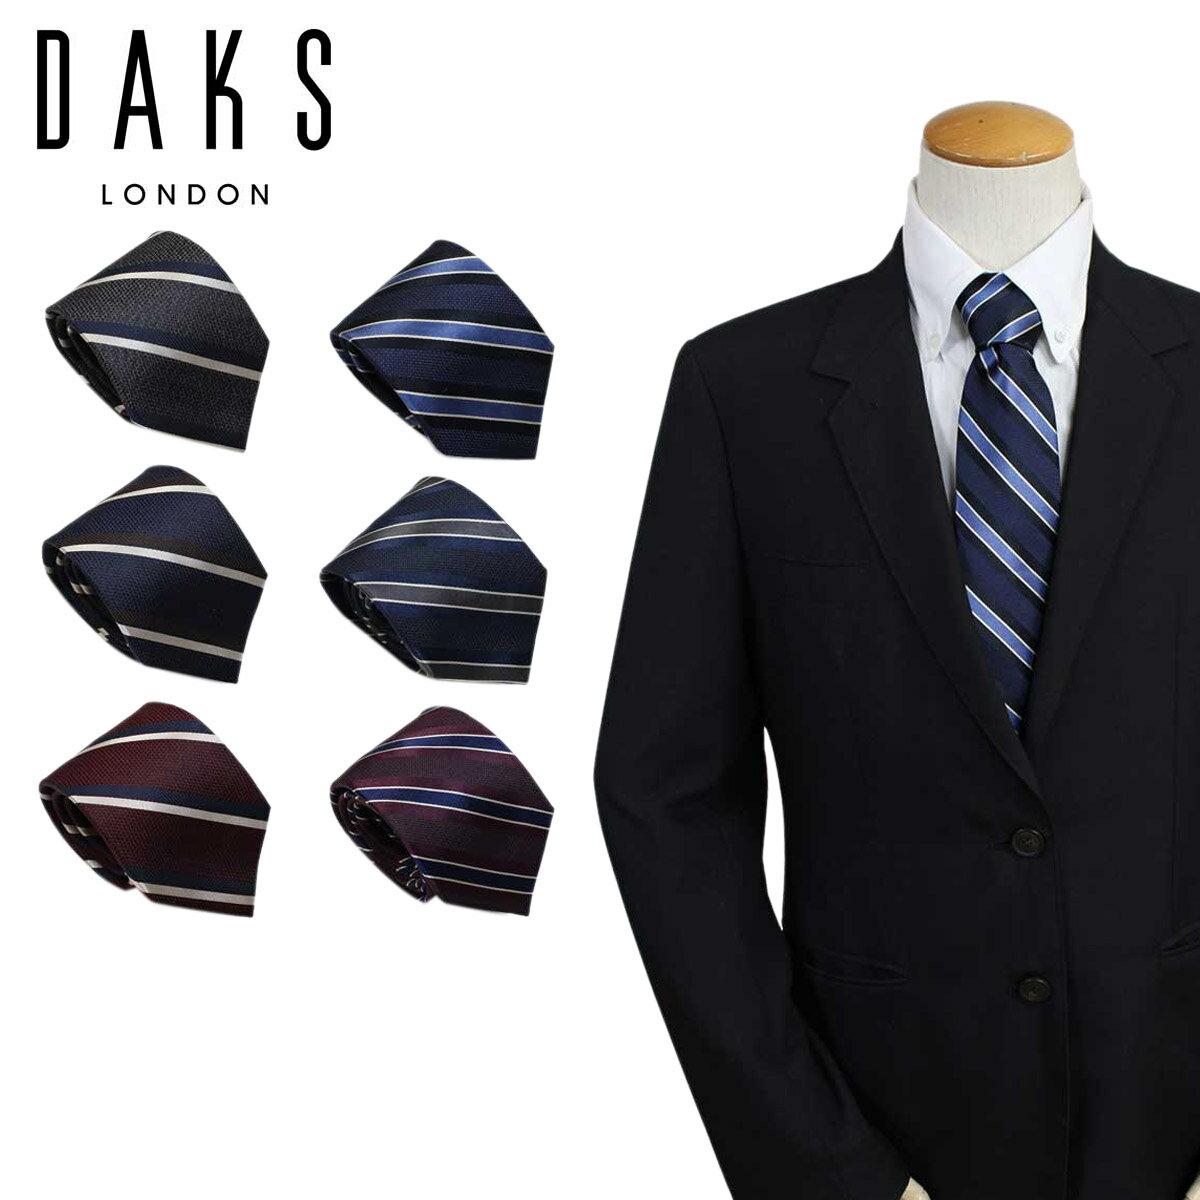 【最大2000円OFFクーポン ポイント最大32倍】 ダックス DAKS ネクタイ イタリア製 シルク ビジネス 結婚式 メンズ